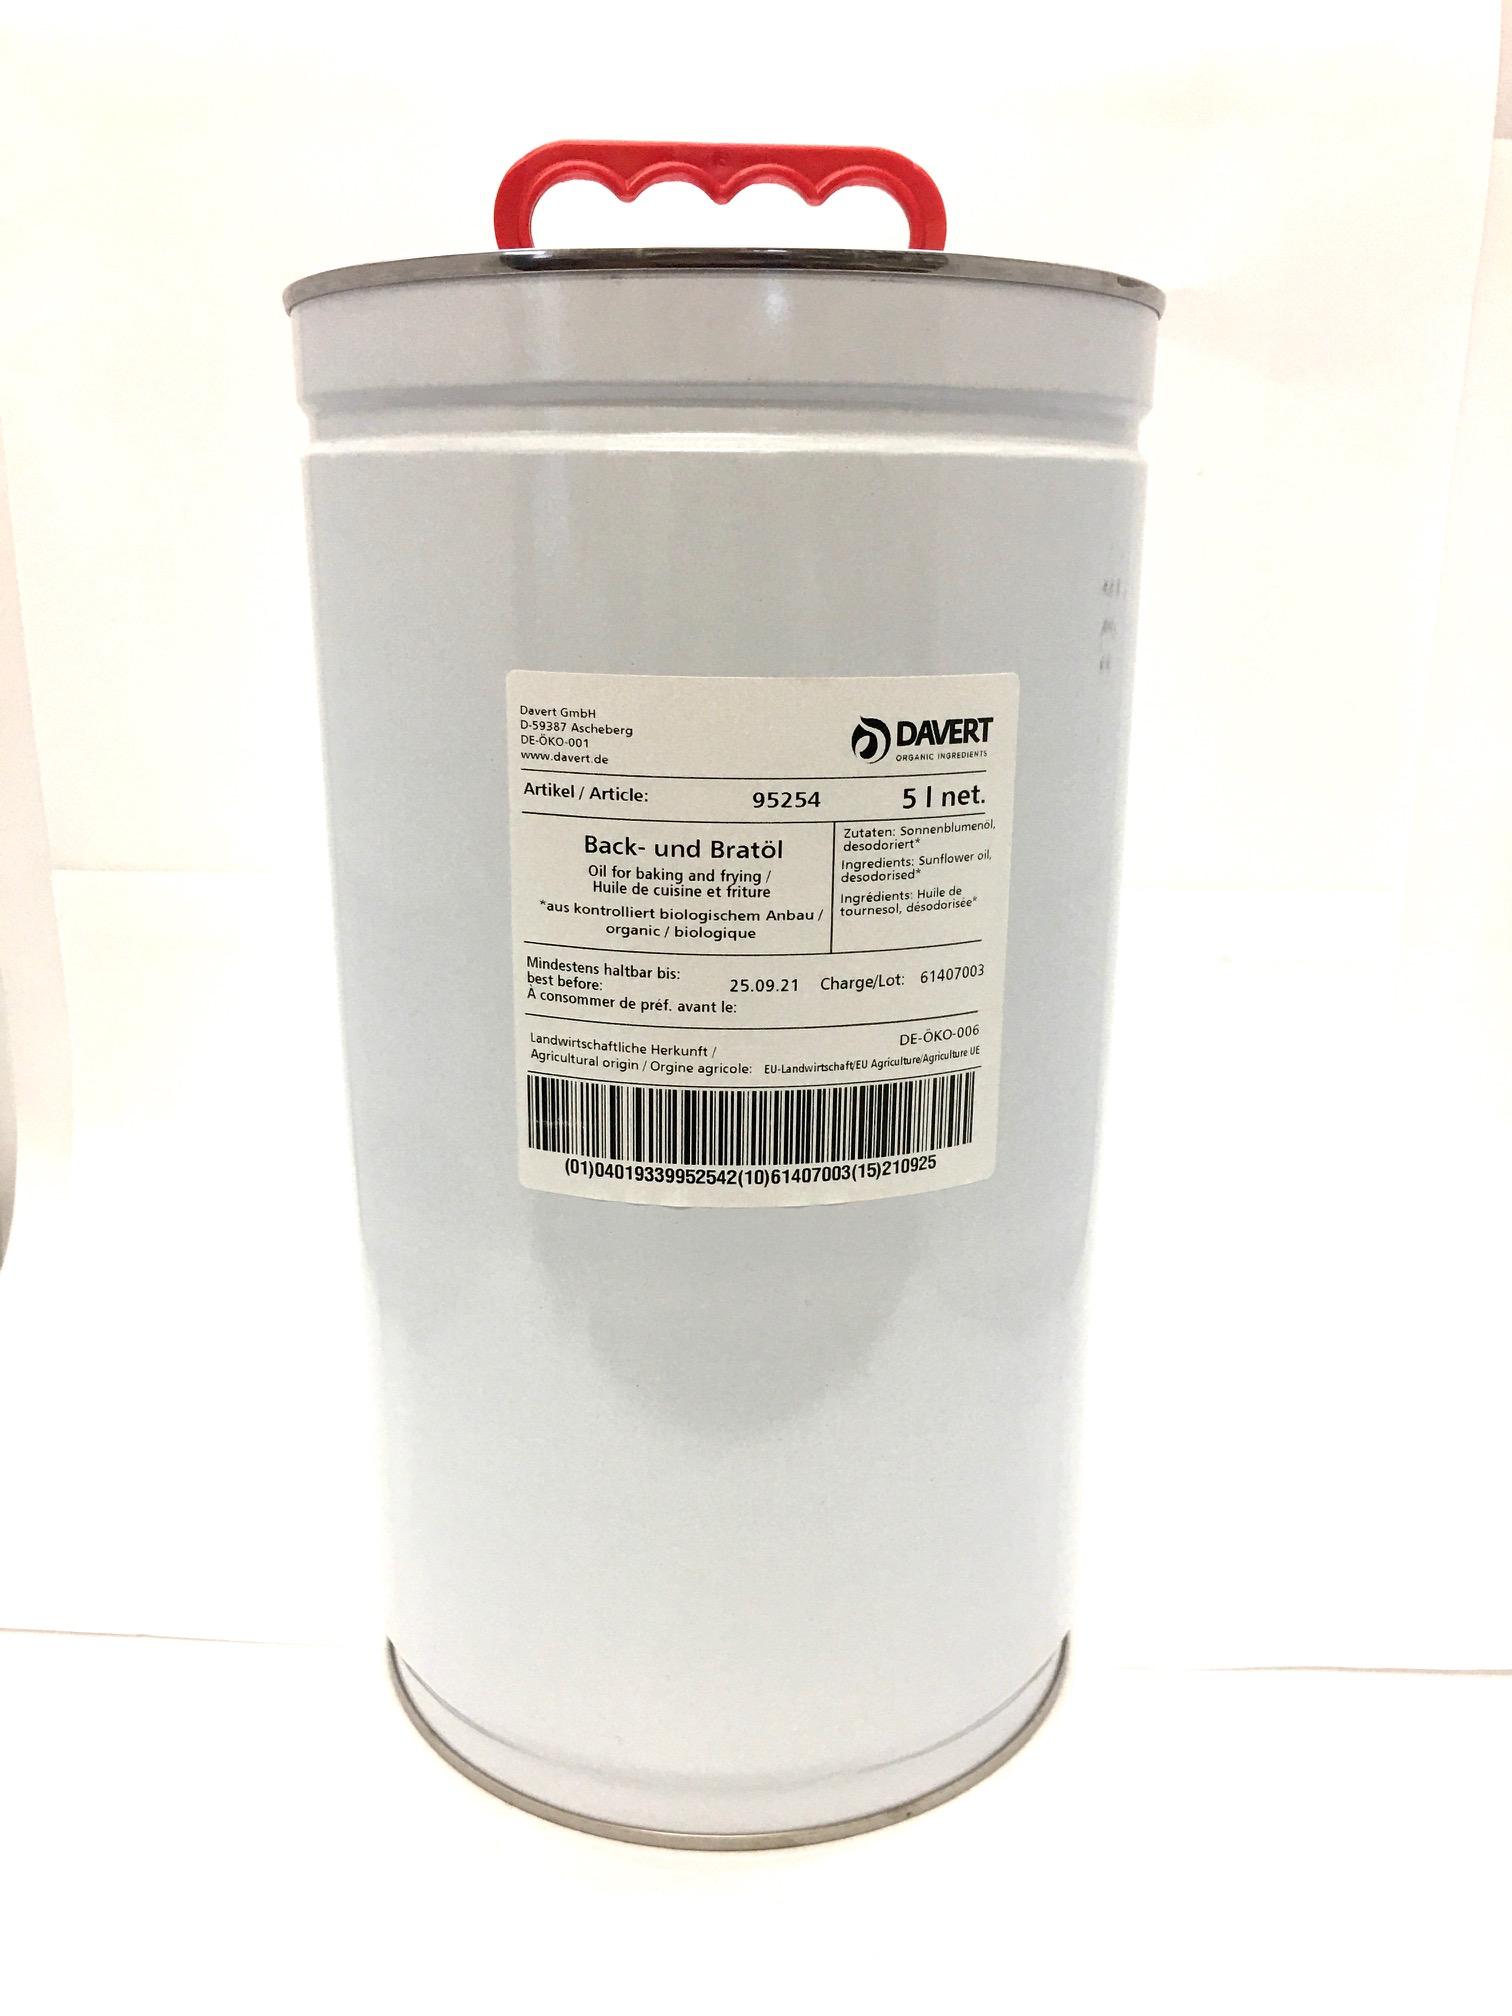 Back-und Bratöl BIO 5 Liter DAVERT